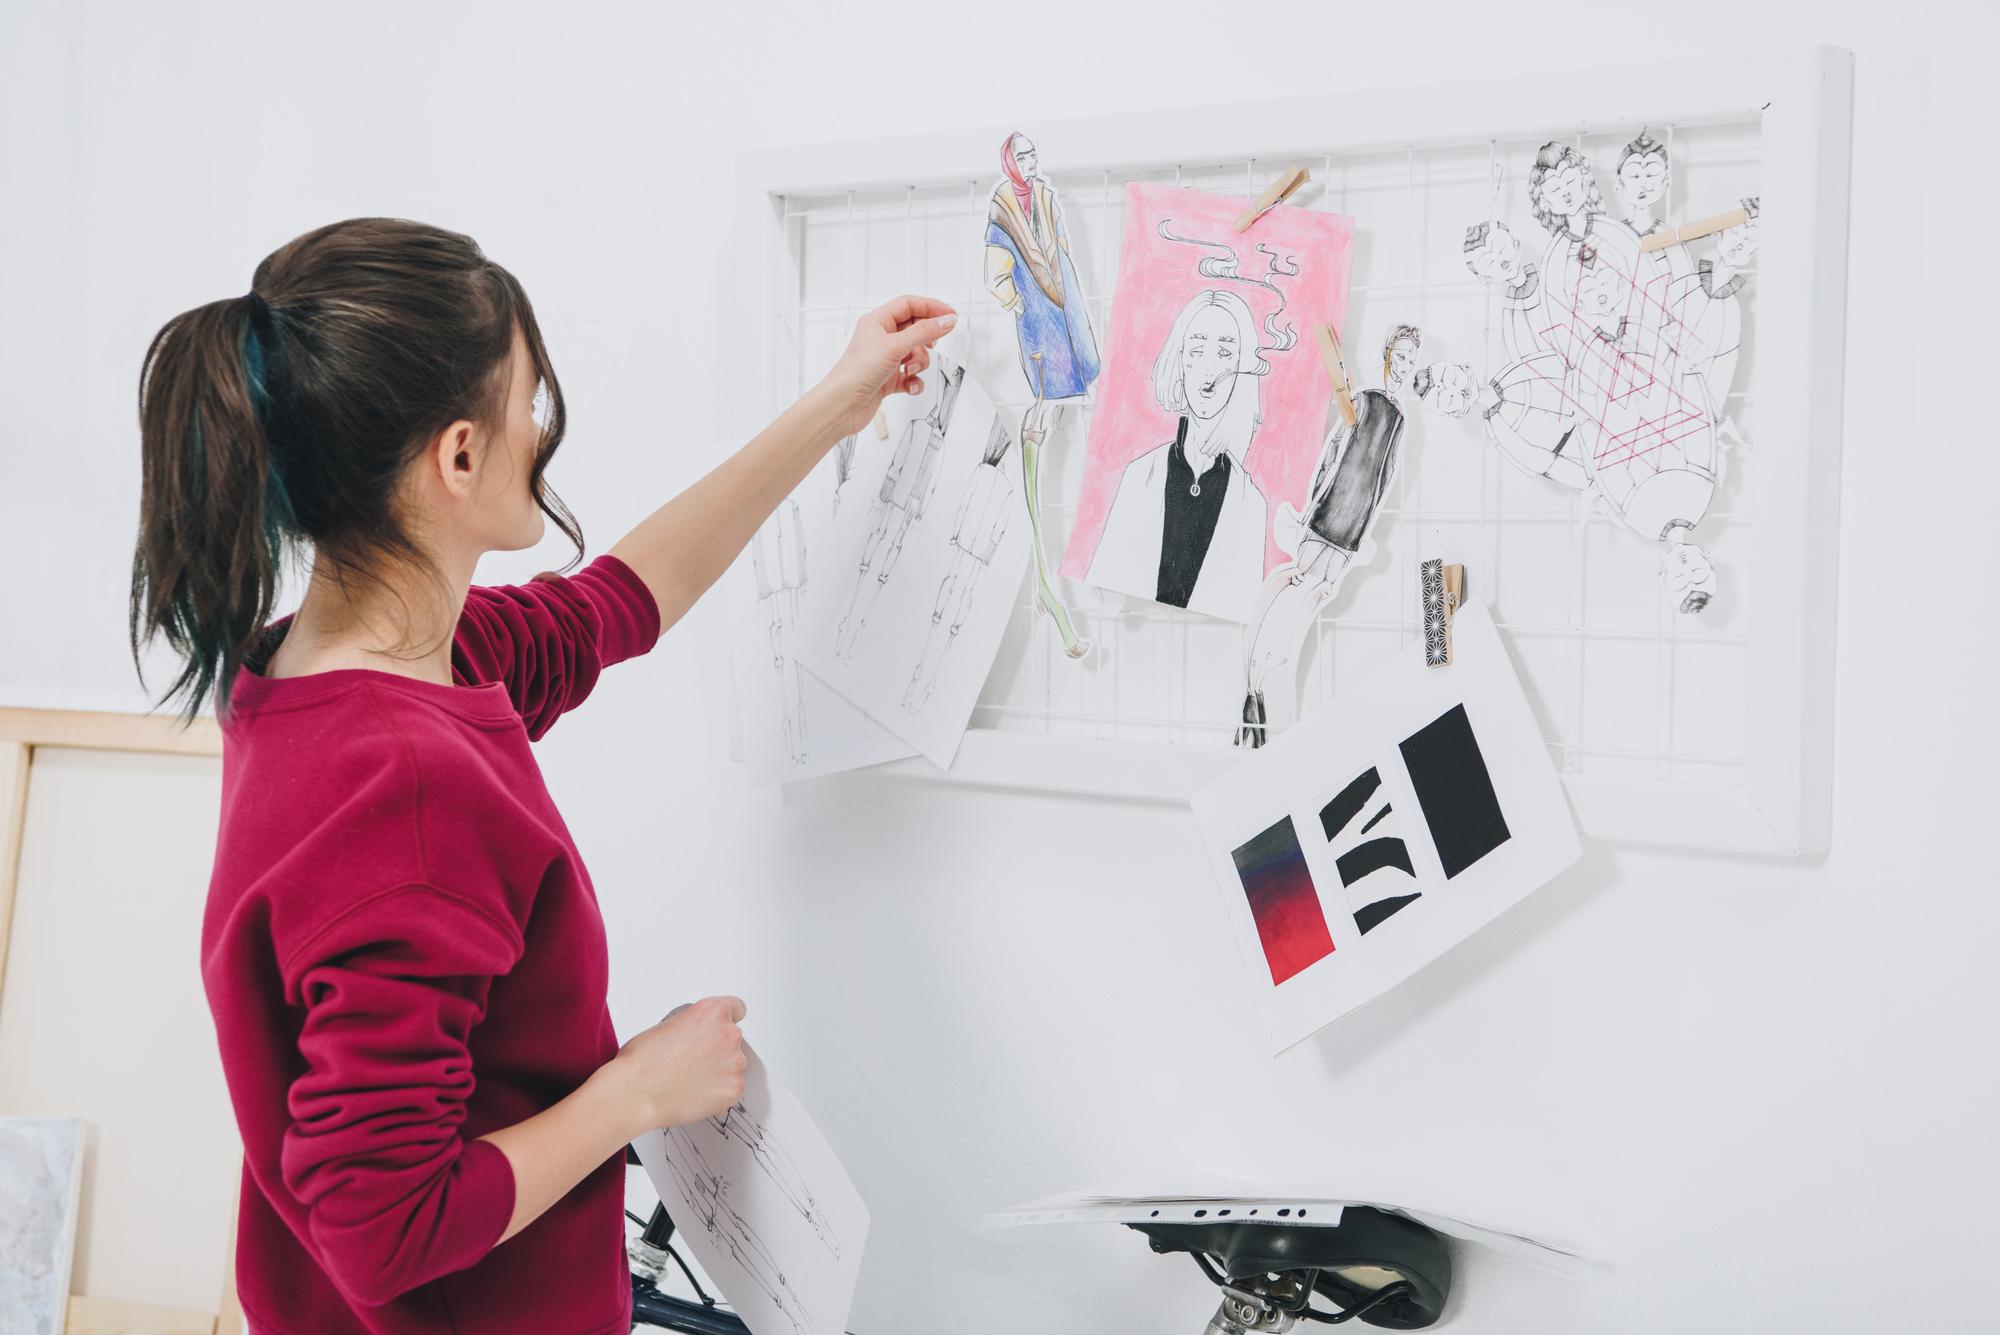 5 советов по выбору маркетинговых изображений для бизнеса от Depositphotos